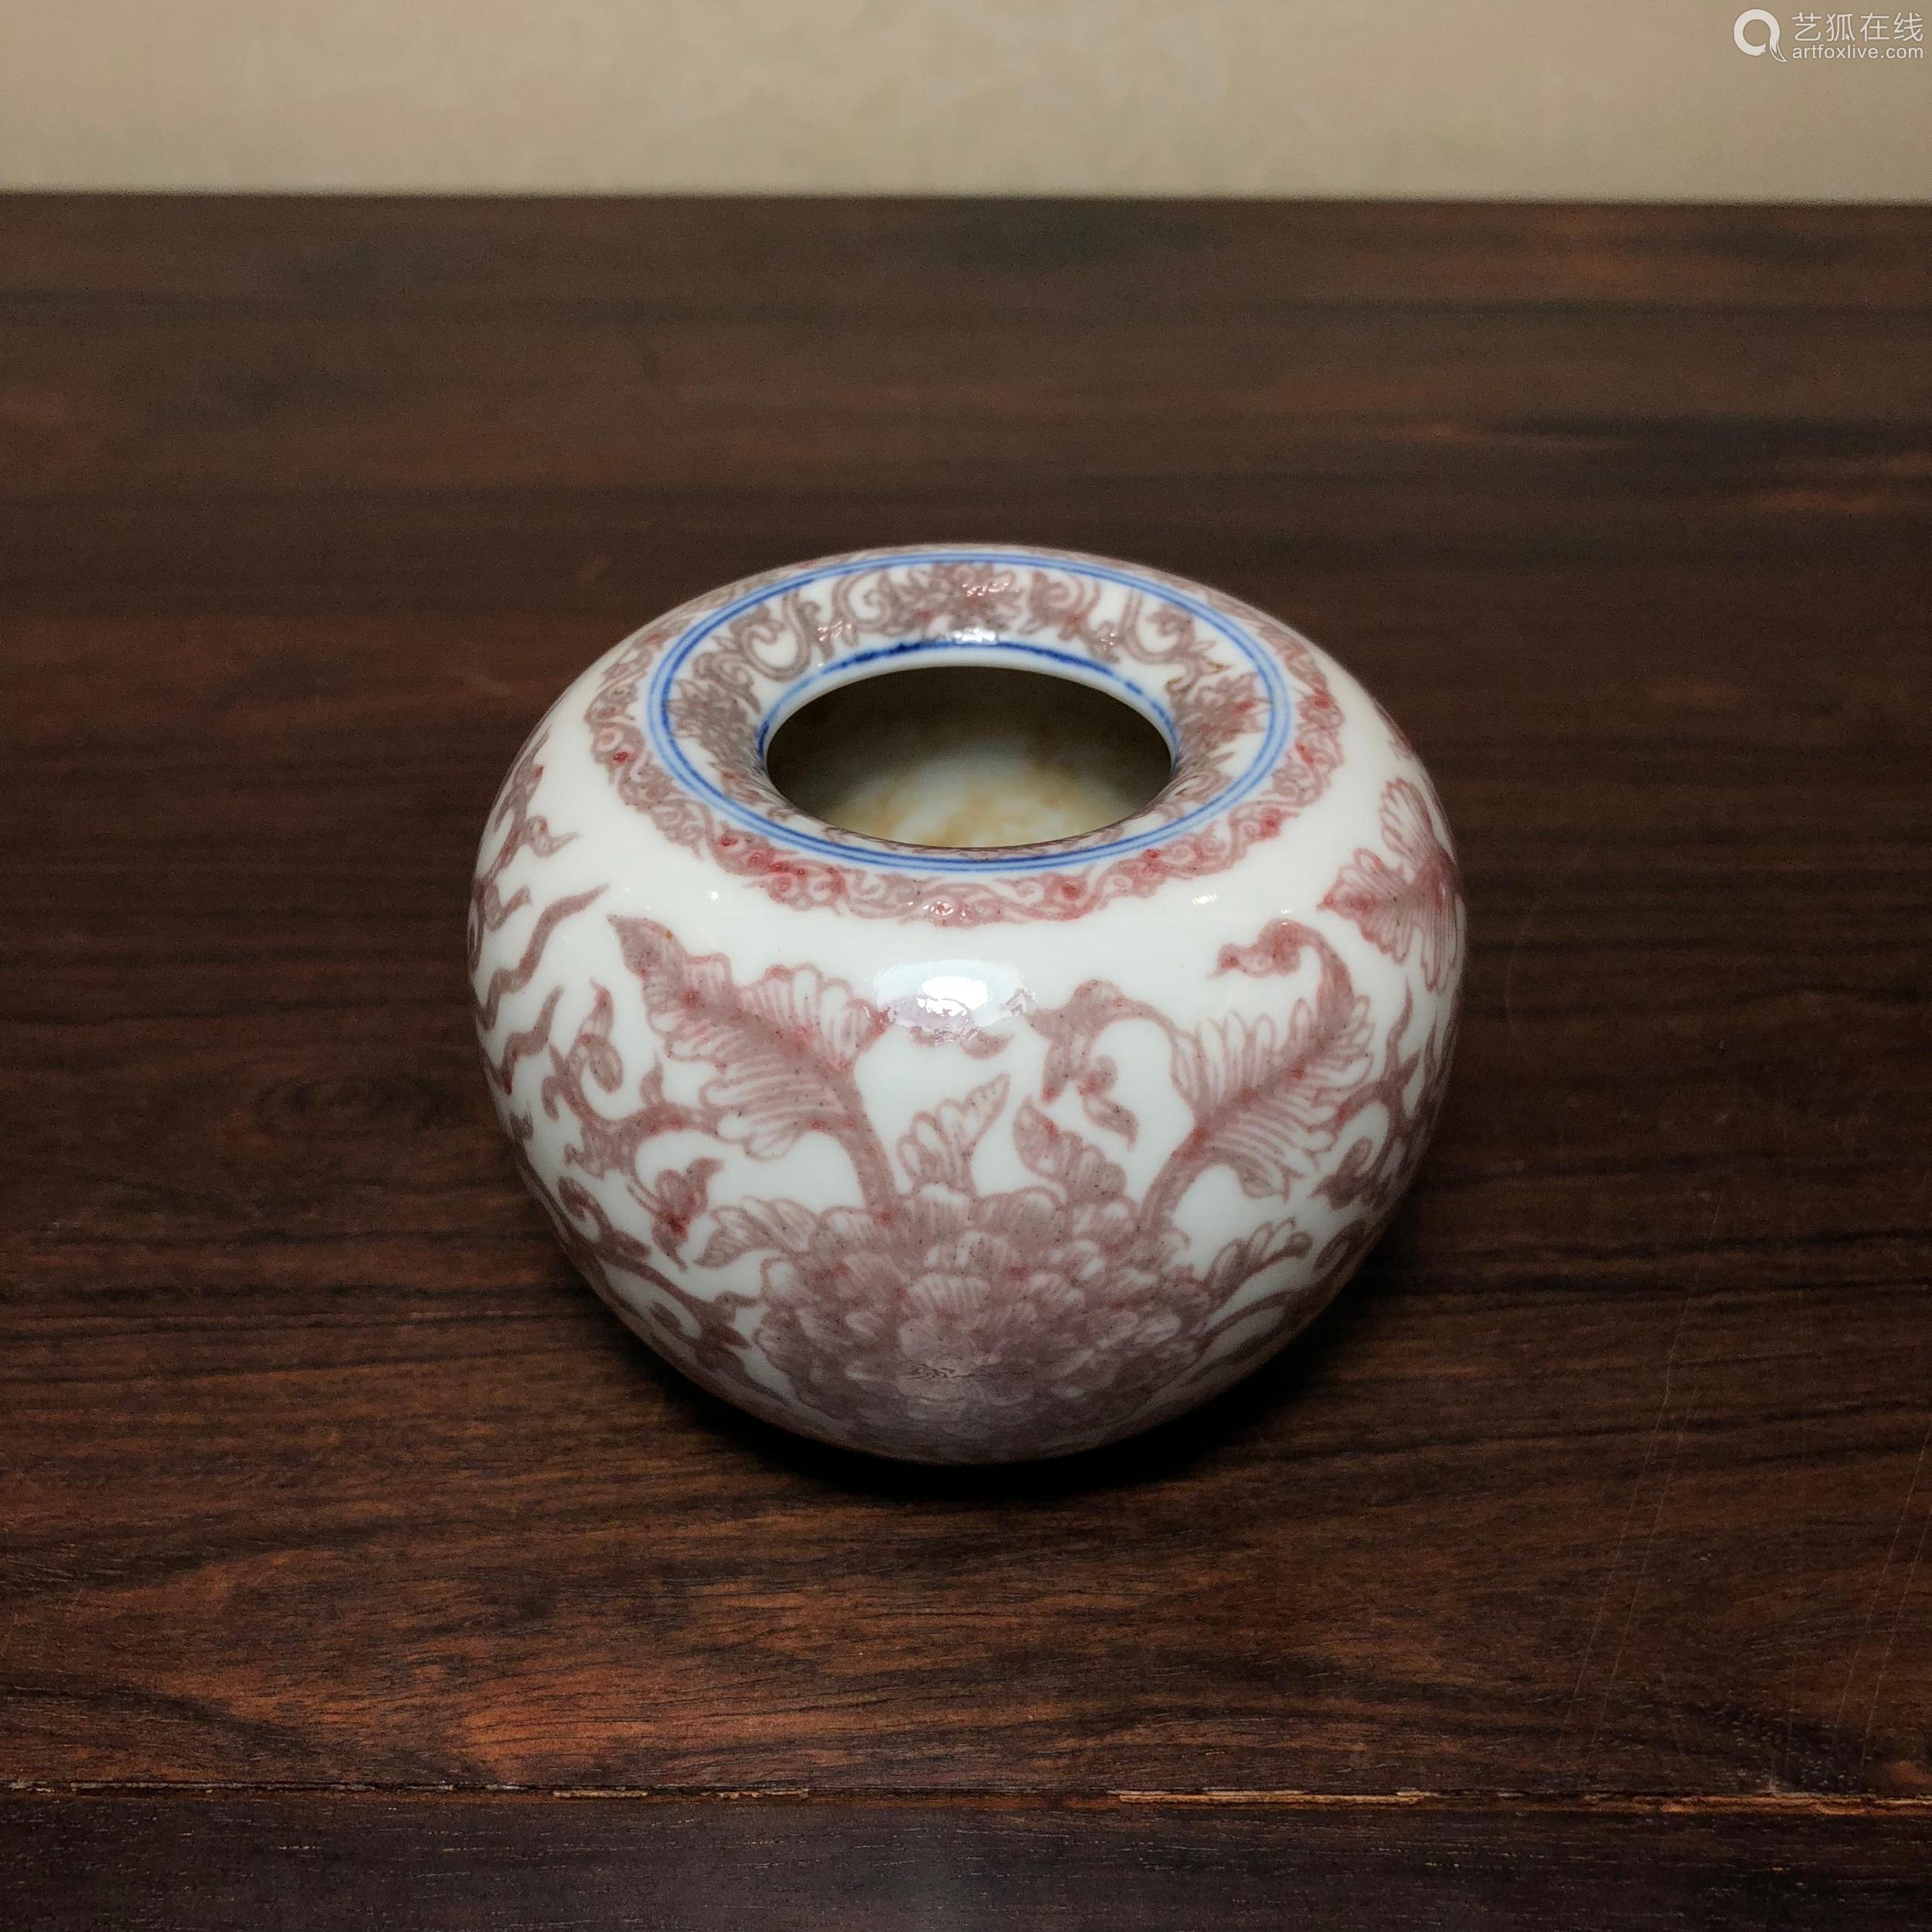 清代 青花釉里红折枝牡丹纹苹果尊